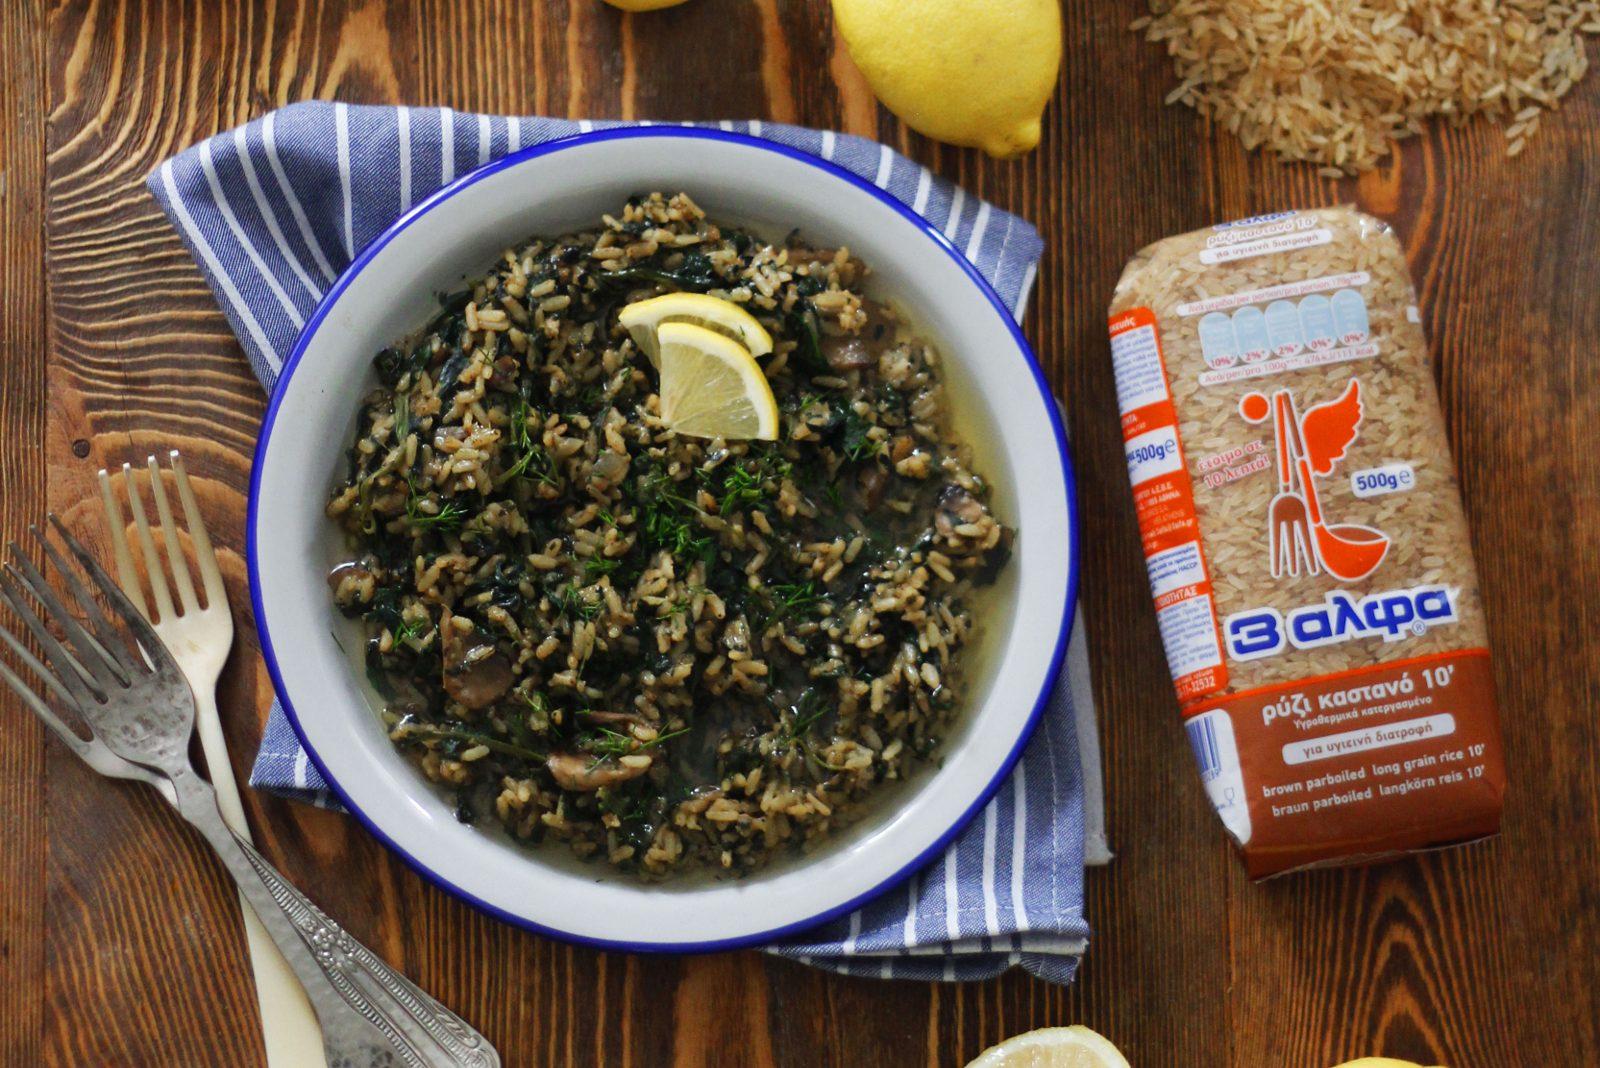 Σπανακόρυζο με Καστανό Ρύζι 10′ 3αλφα